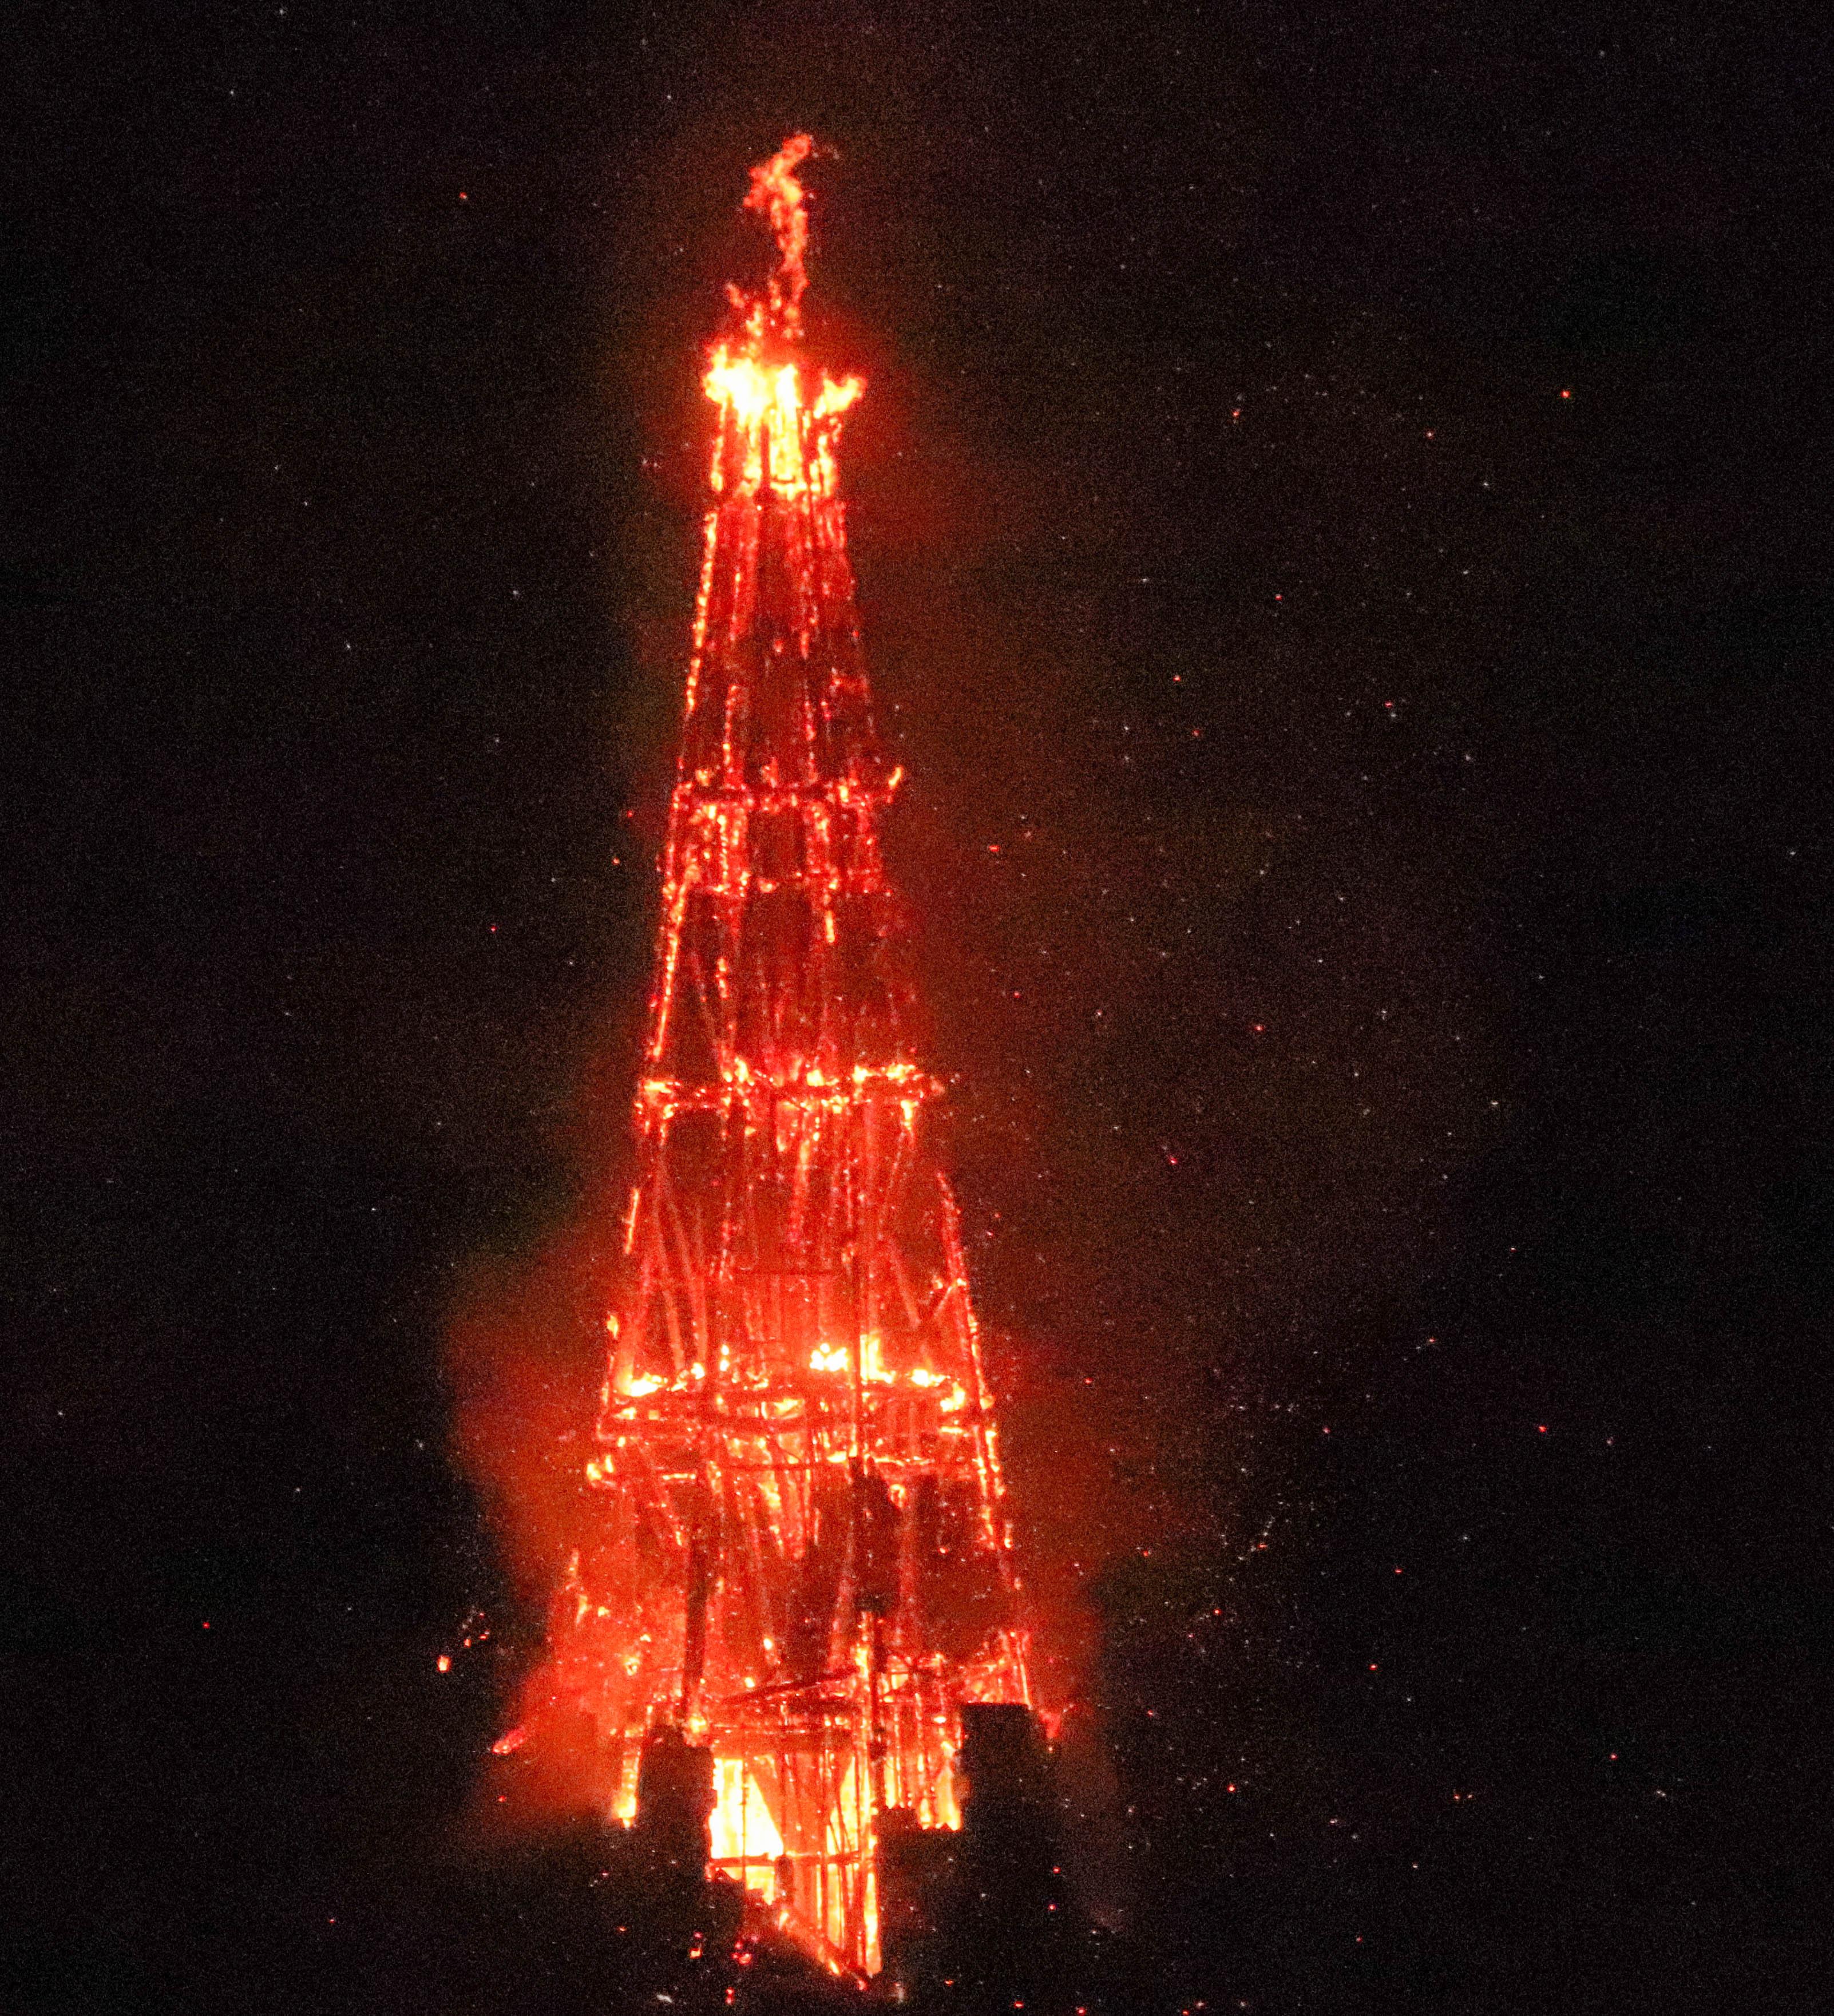 église ste thérèse, le dieu grec,  Rennes, 1er août 18, 23h (1 sur 1).jpg